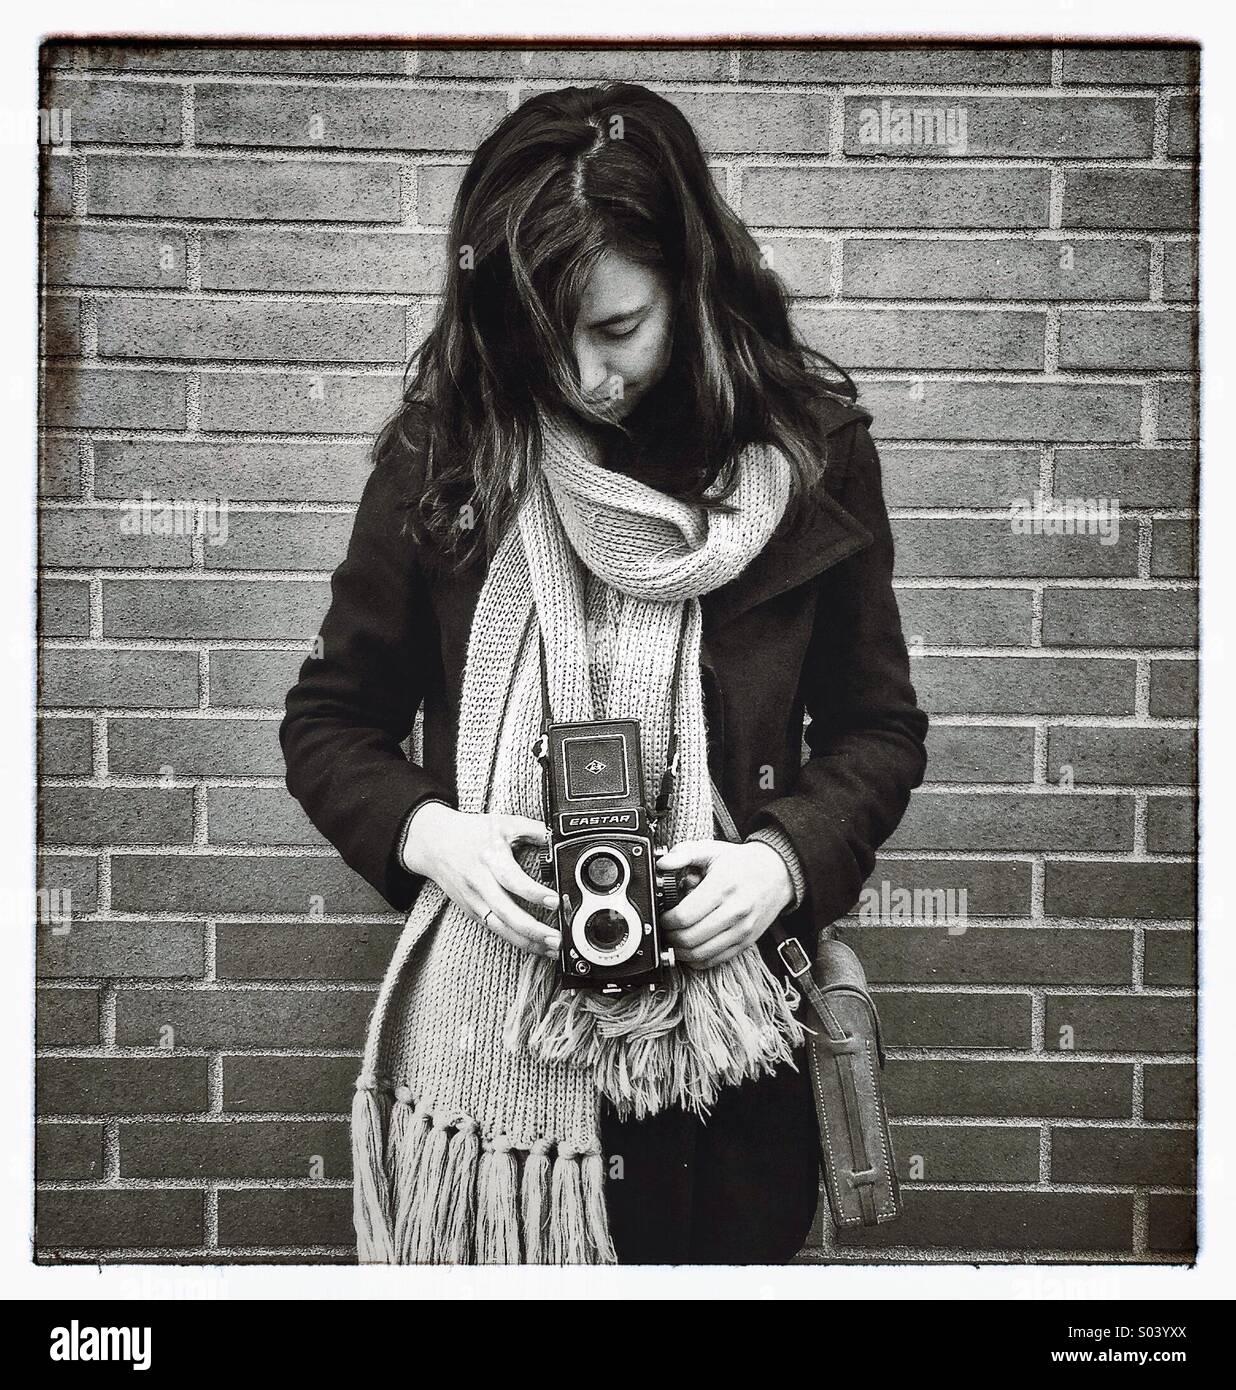 Mujer joven tomar la fotografía con cámara vintage Imagen De Stock